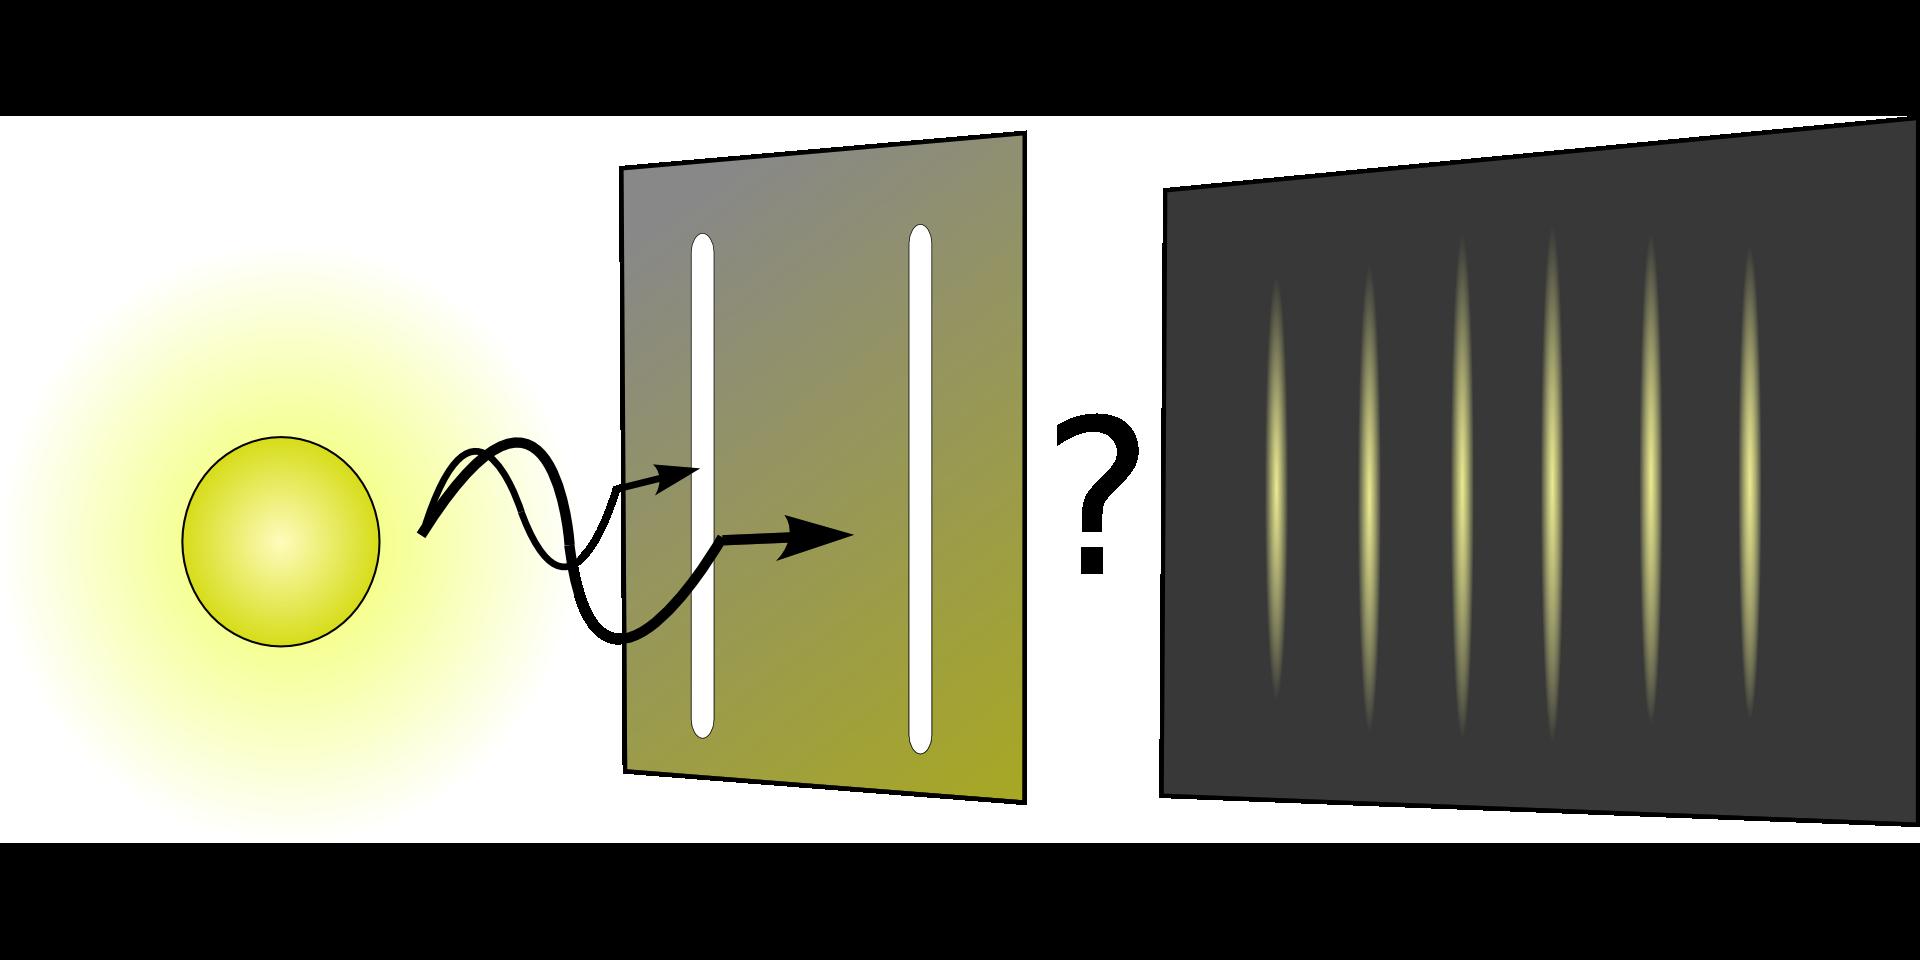 量子コンピューターの原理である量子力学のスリット図